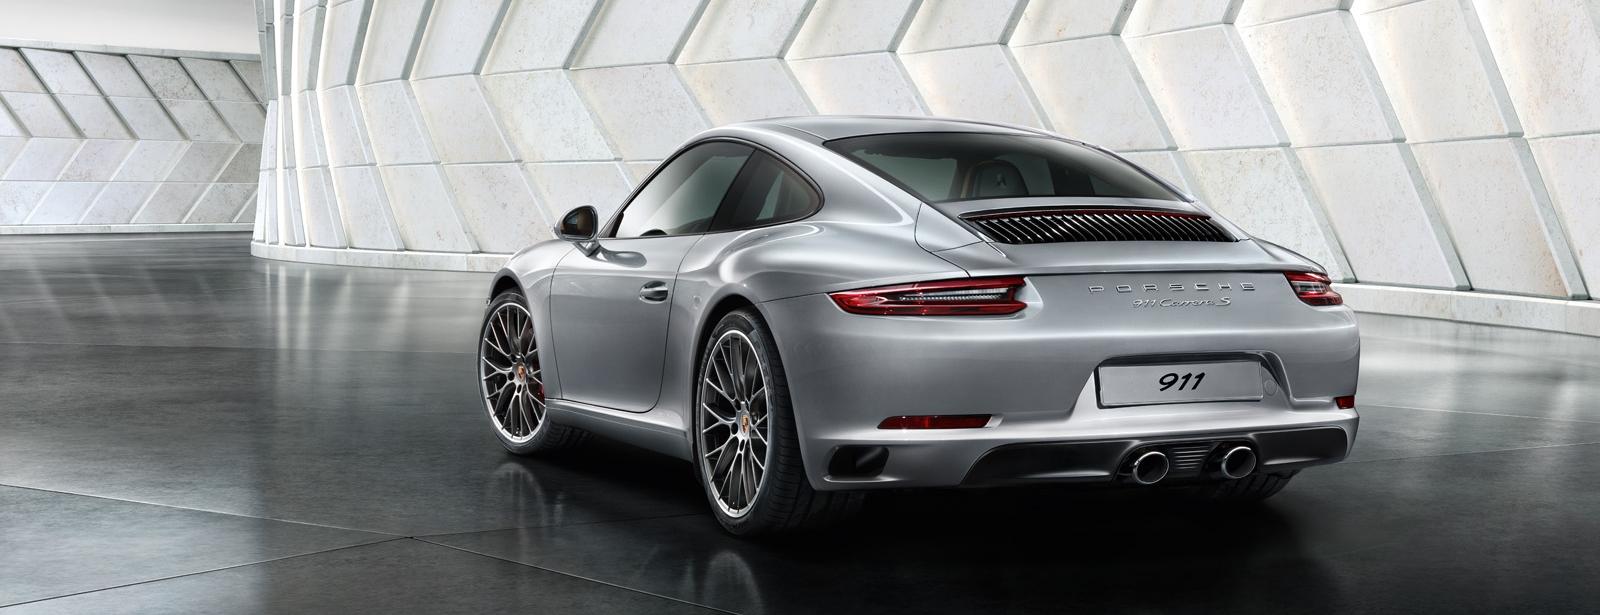 Porsche 911 Porsche Centre Leicester